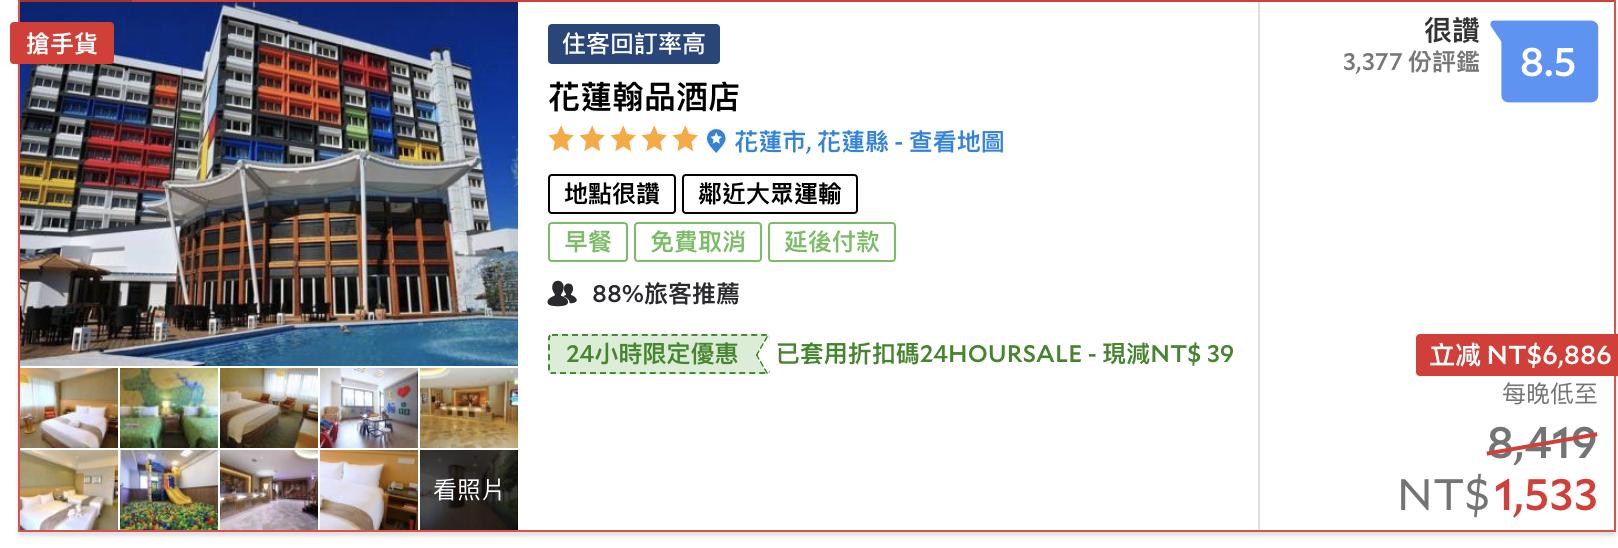 花蓮市區2K以下高評分住宿,小資省錢好住宿列表